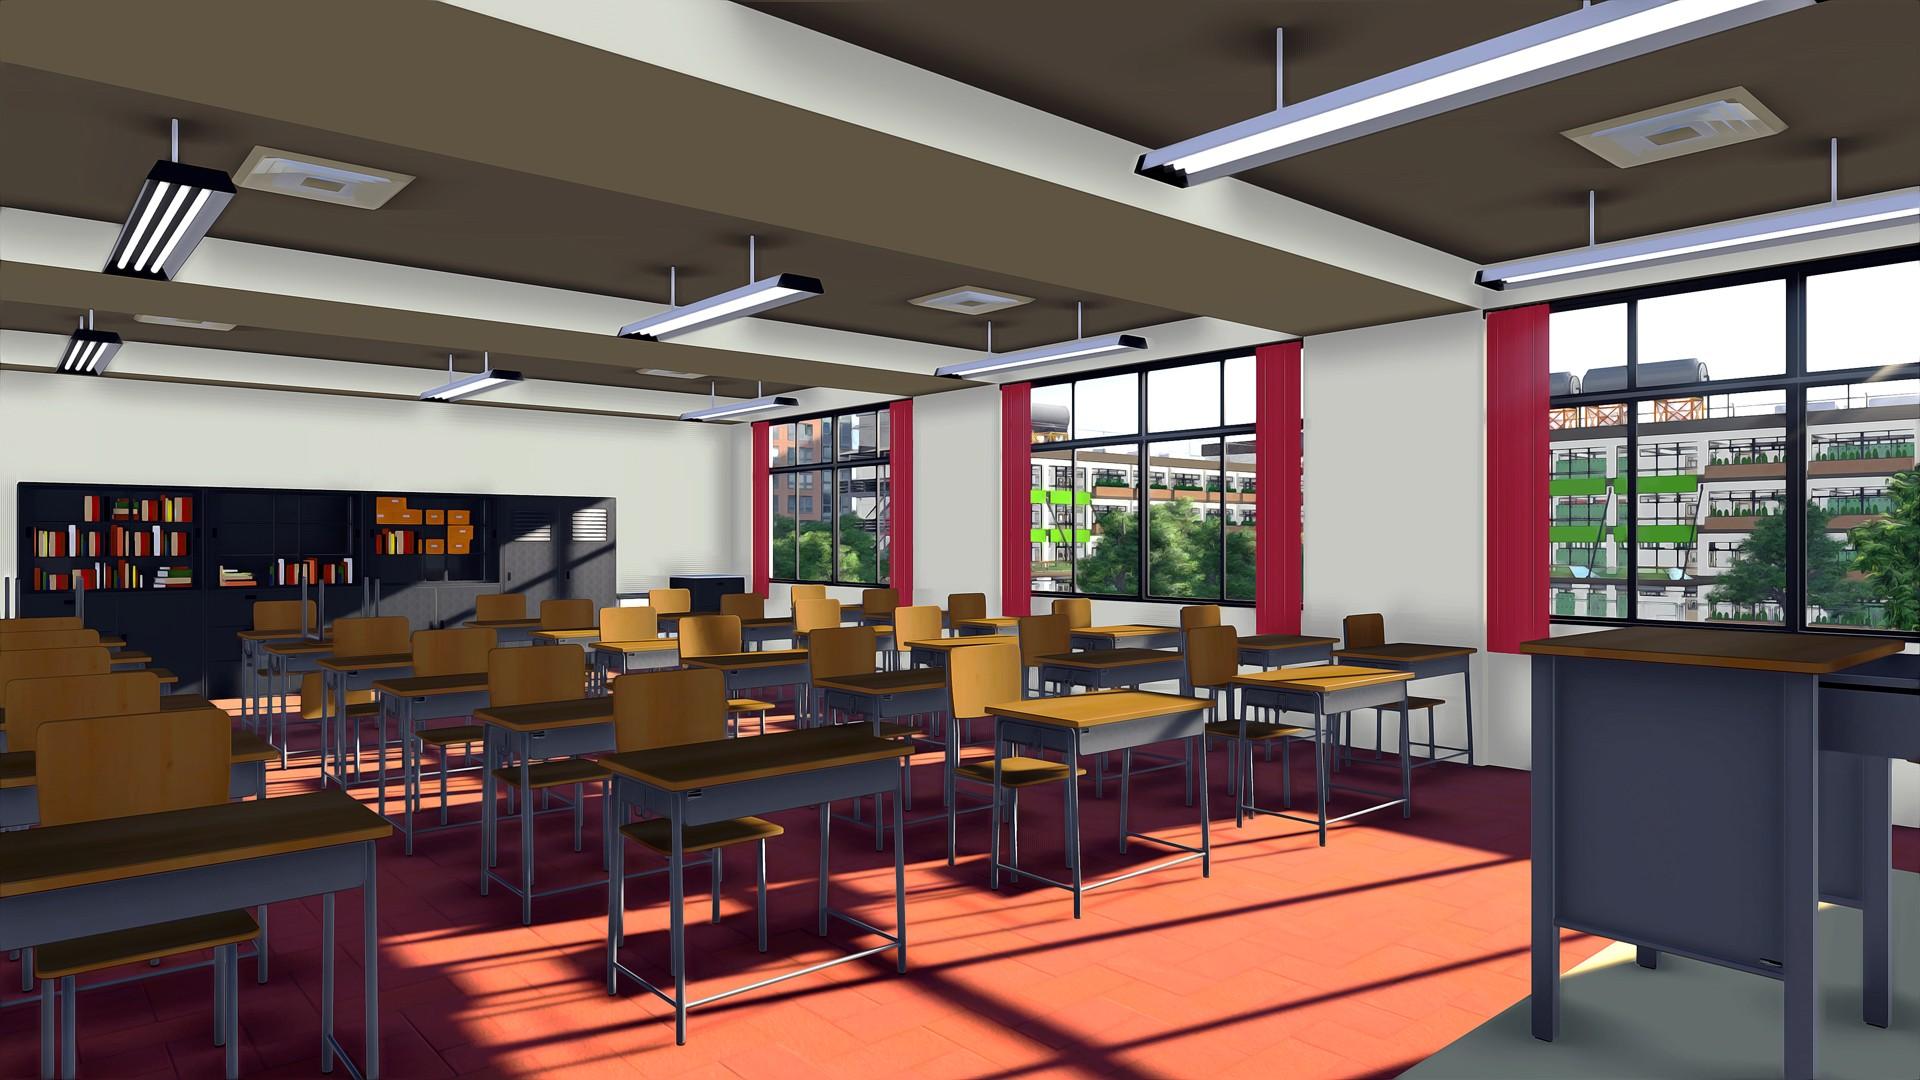 classroom - HD1920×1080